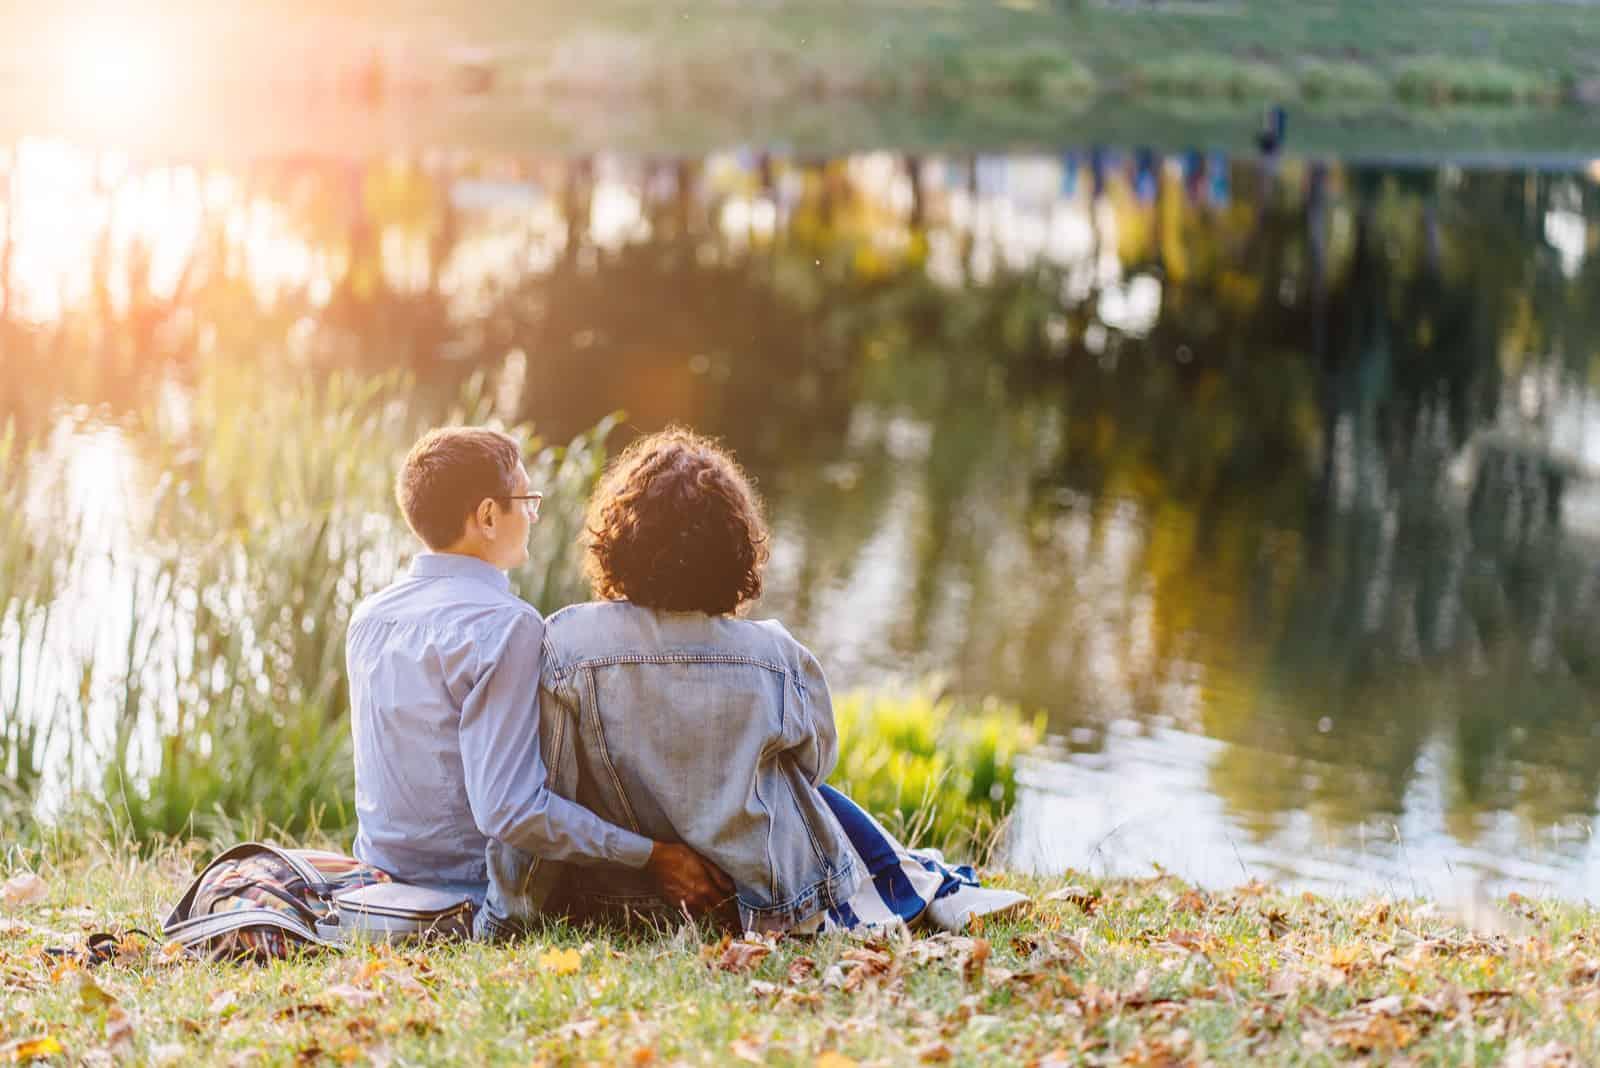 Liebespaar umarmt am Ufer des Sees sitzen